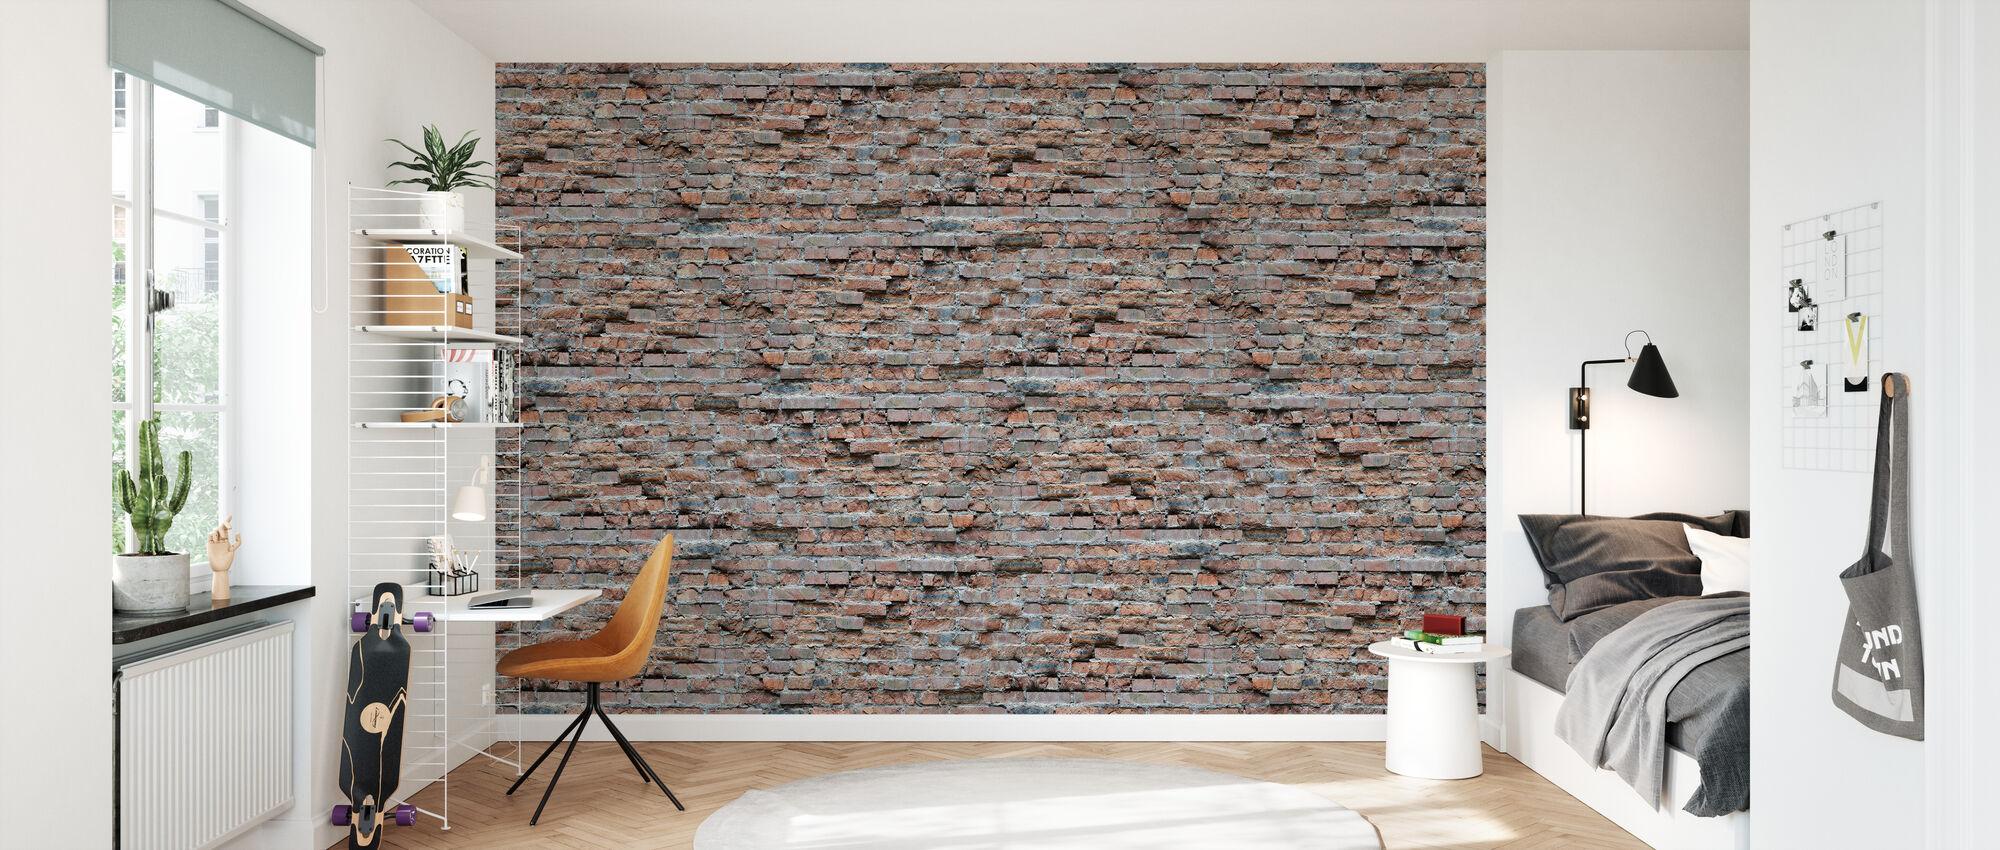 Brick wall - Wallpaper - Kids Room